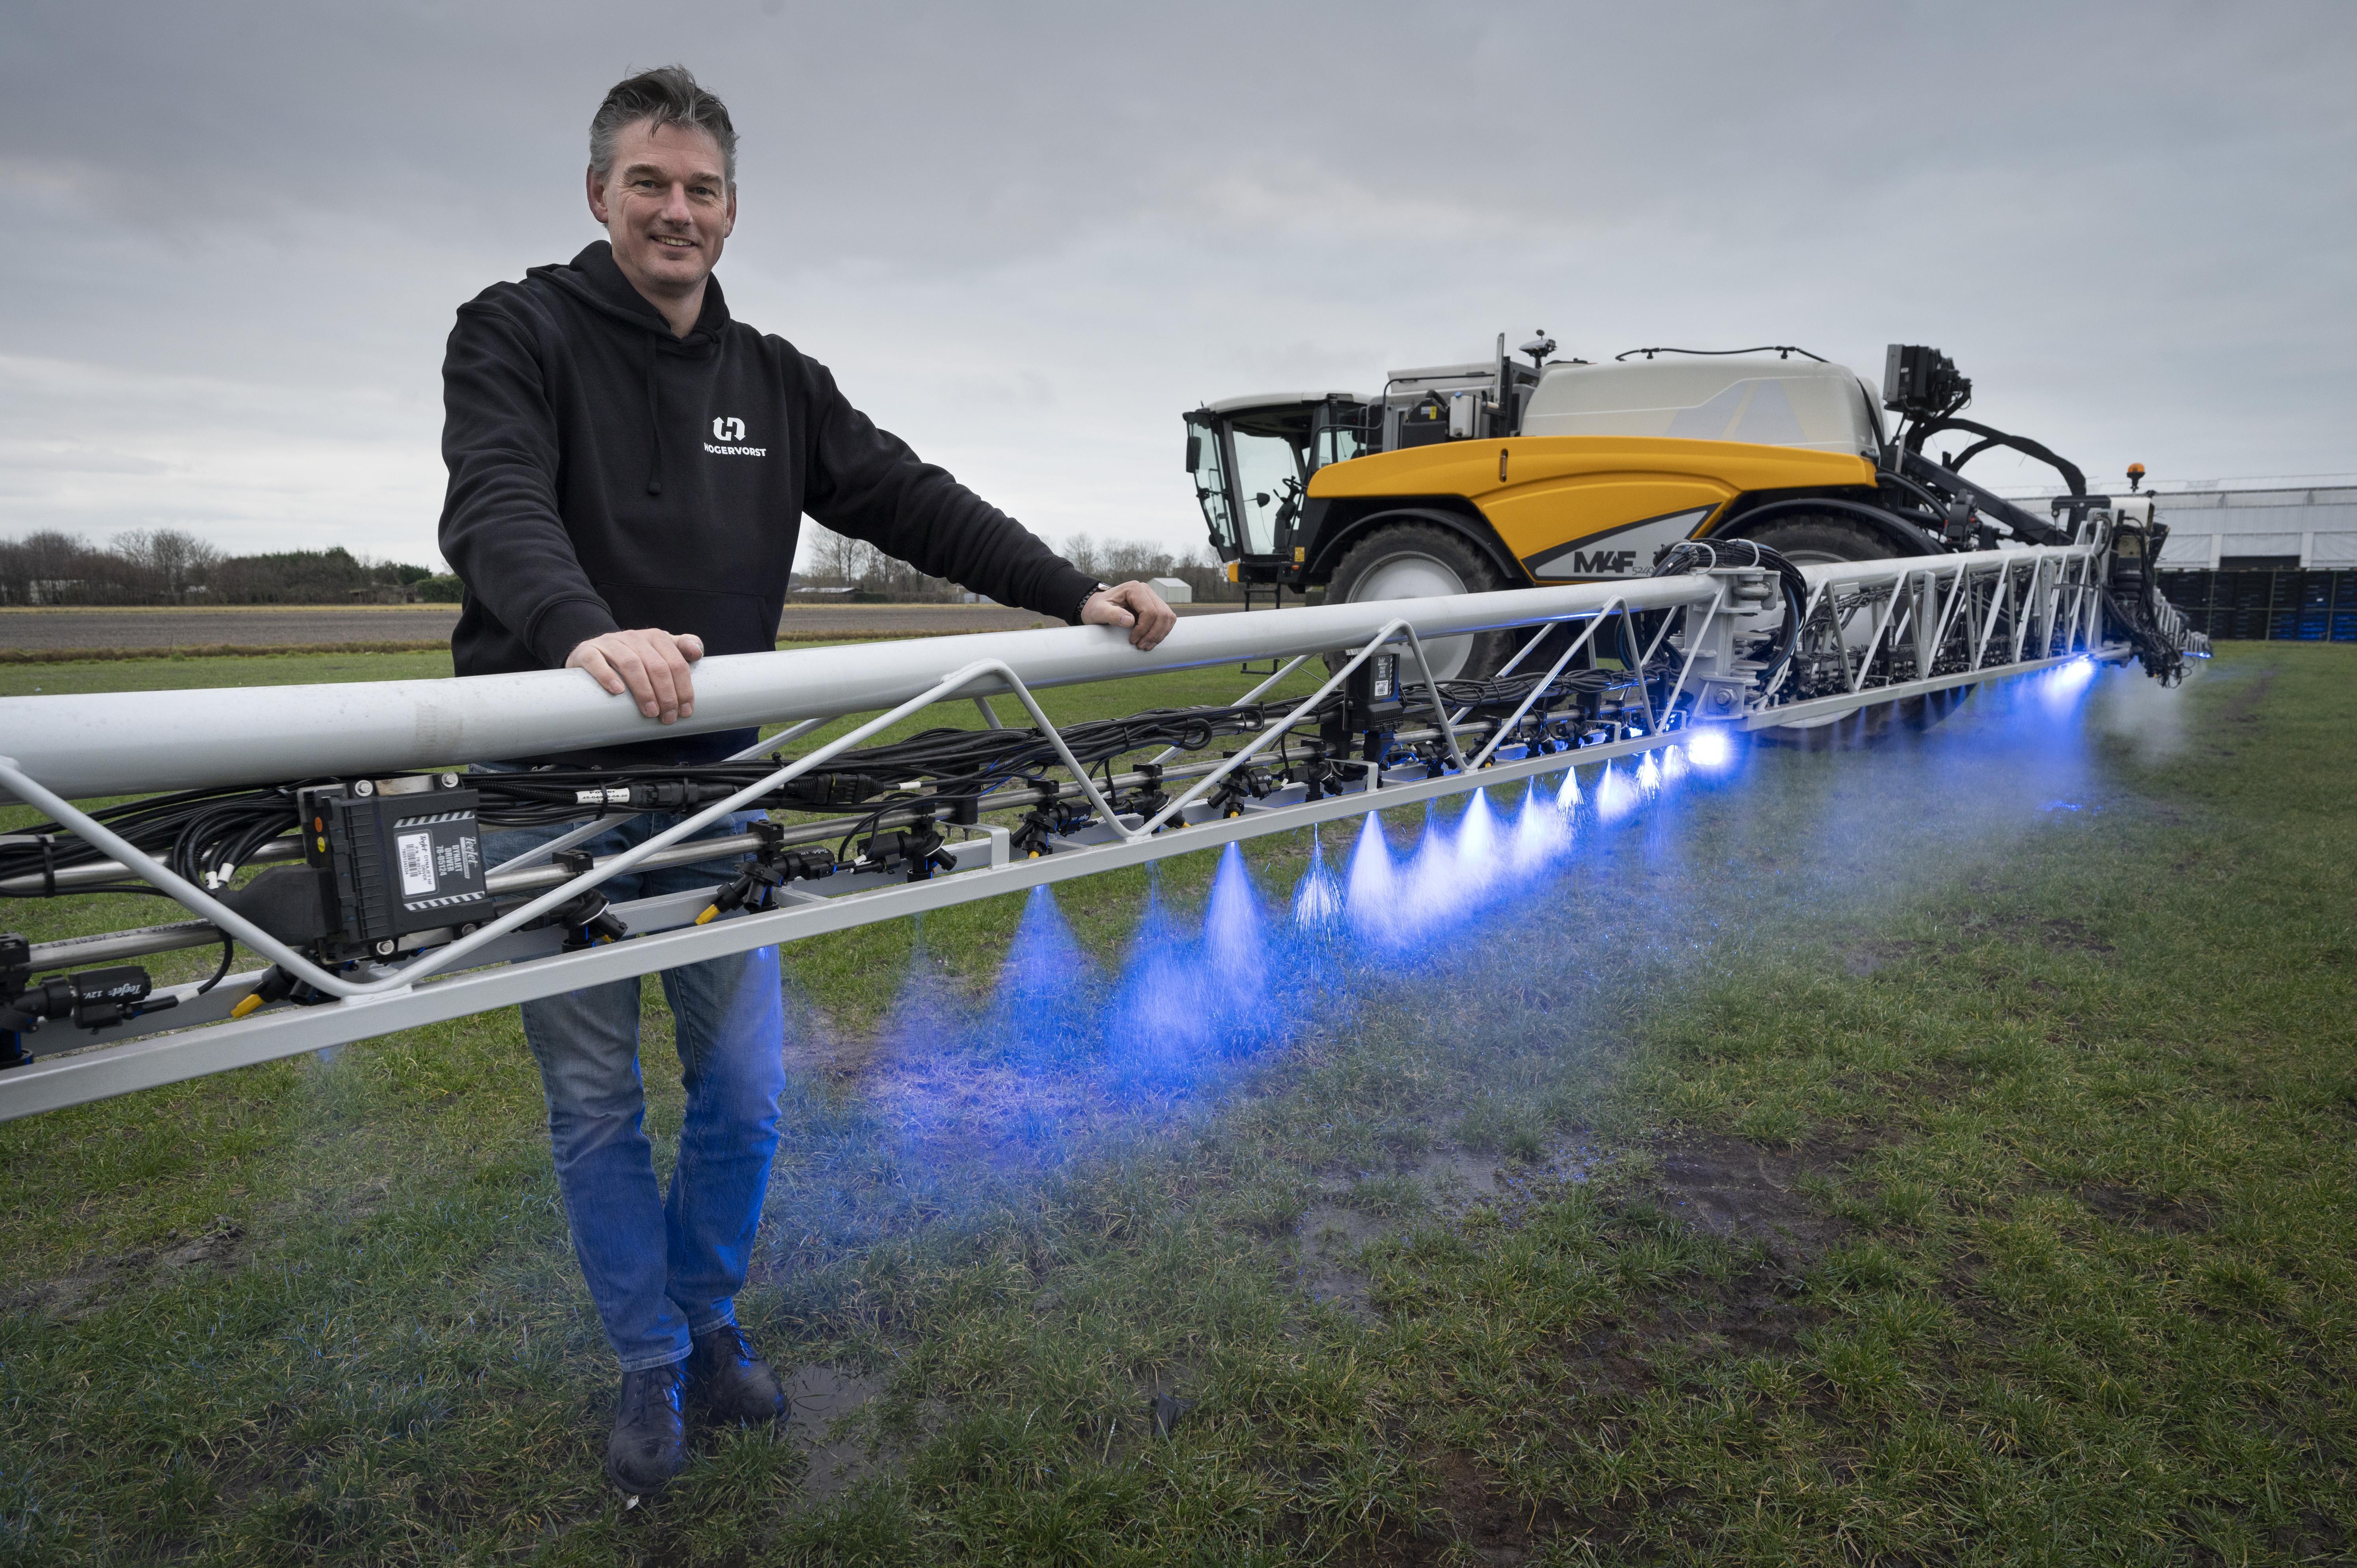 Noordwijkerhouts bedrijf wint innovatieprijs voor nieuwe spuittechniek bij gebruik bestrijdingsmiddelen